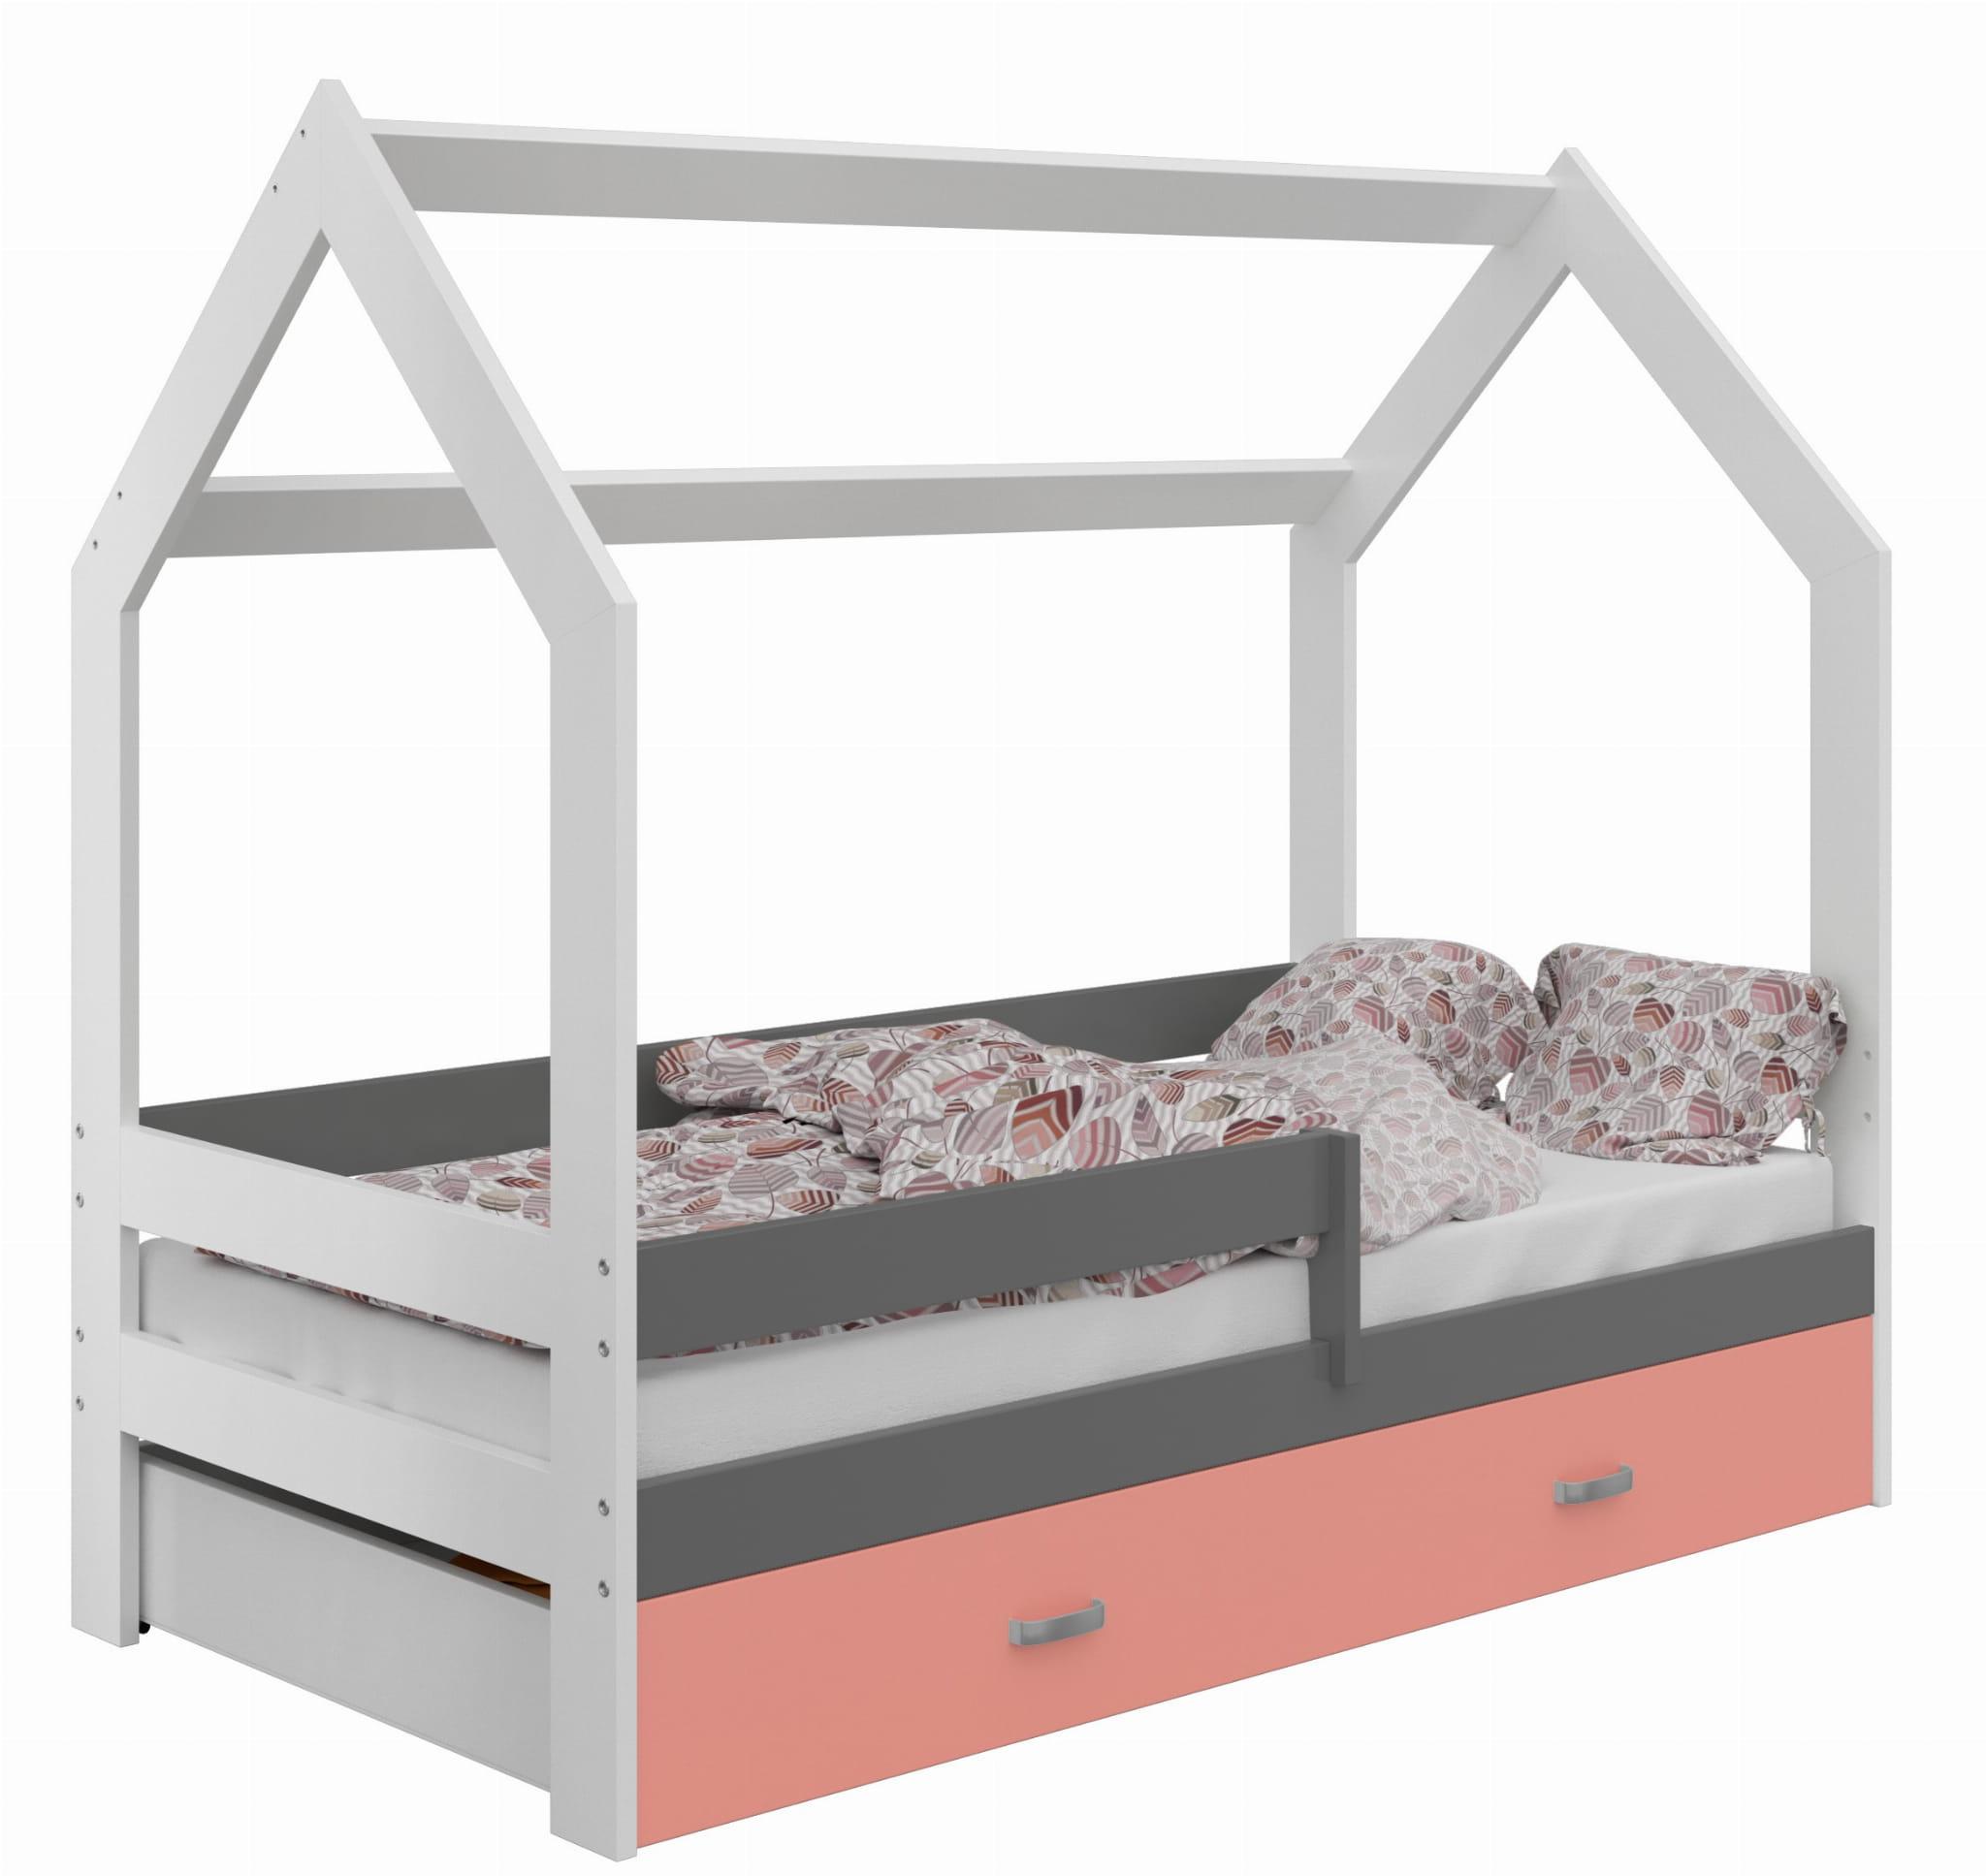 łóżko Domek Dziecięce 160x80 Dla Dzieci Białe D3 Cena Sklep Magnat